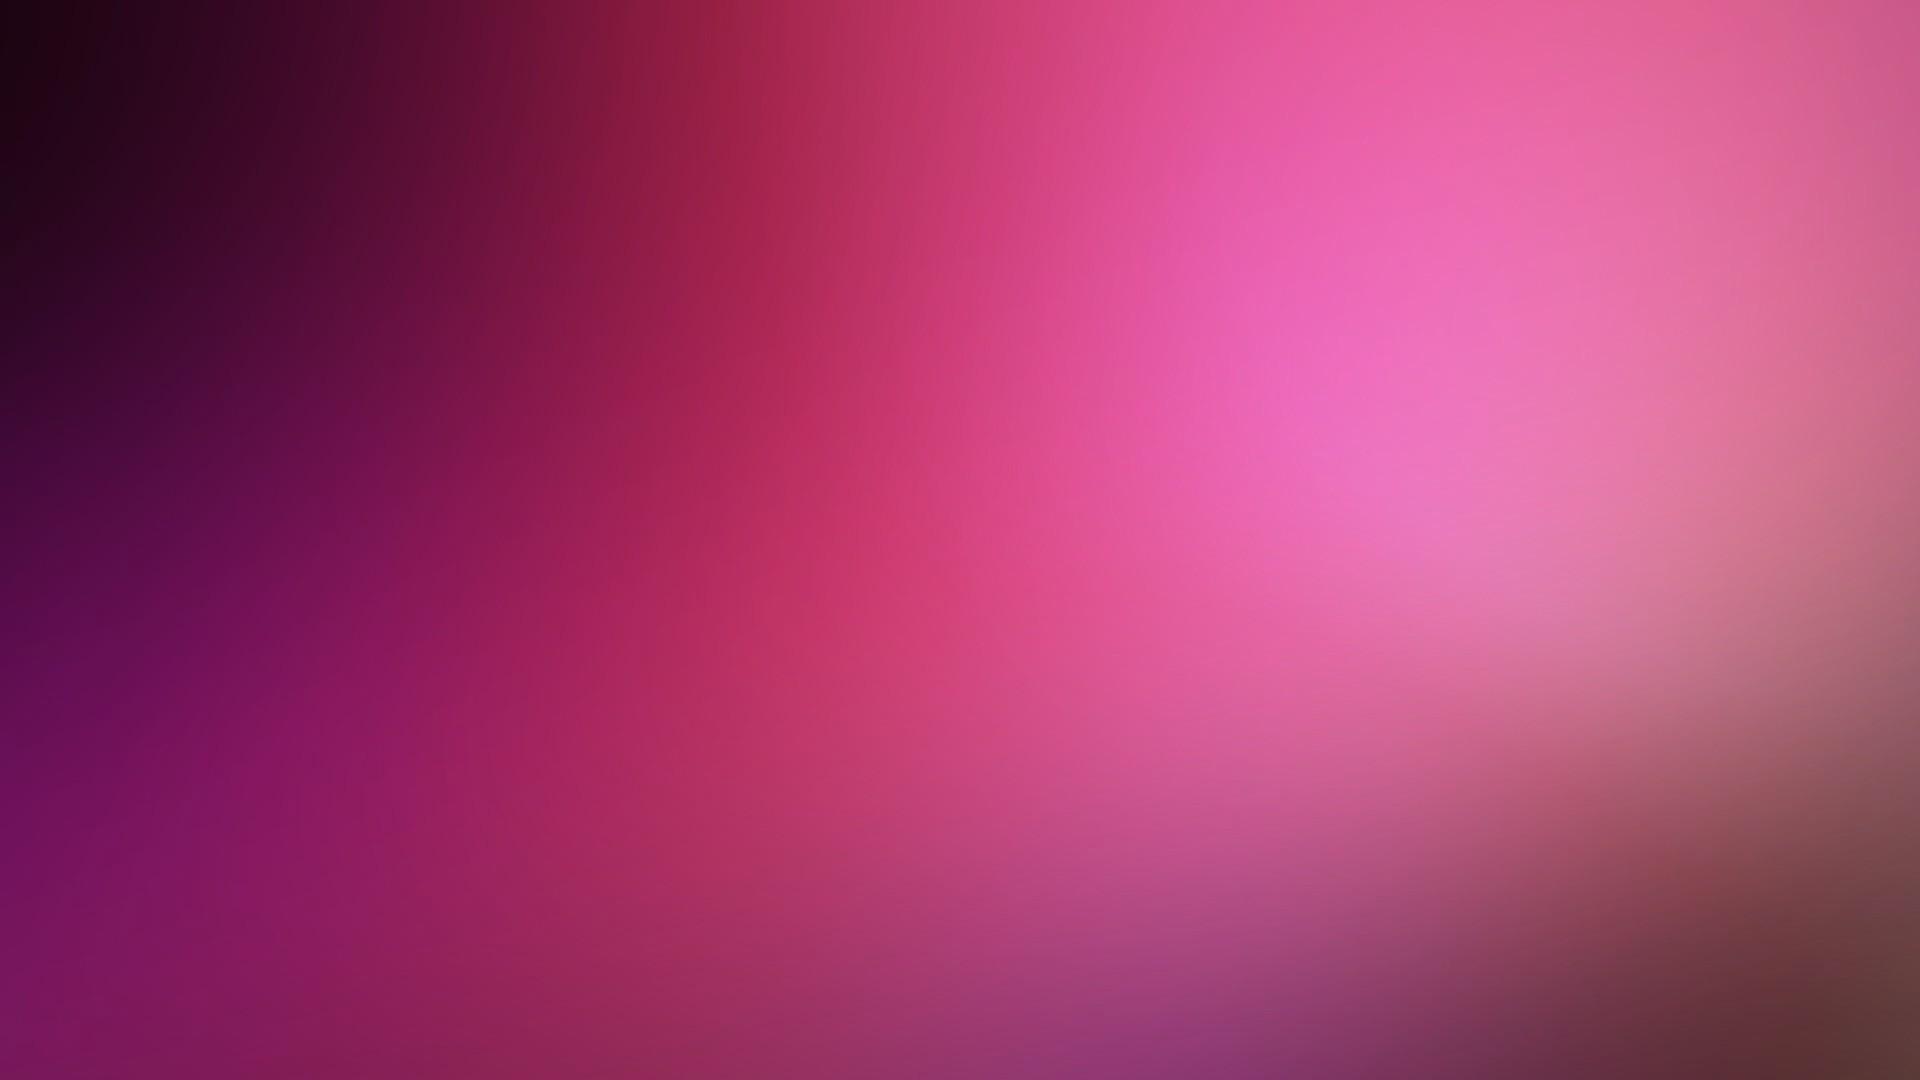 Sfondi Rosso Viola Pendenza Struttura Cerchio Lens Flare